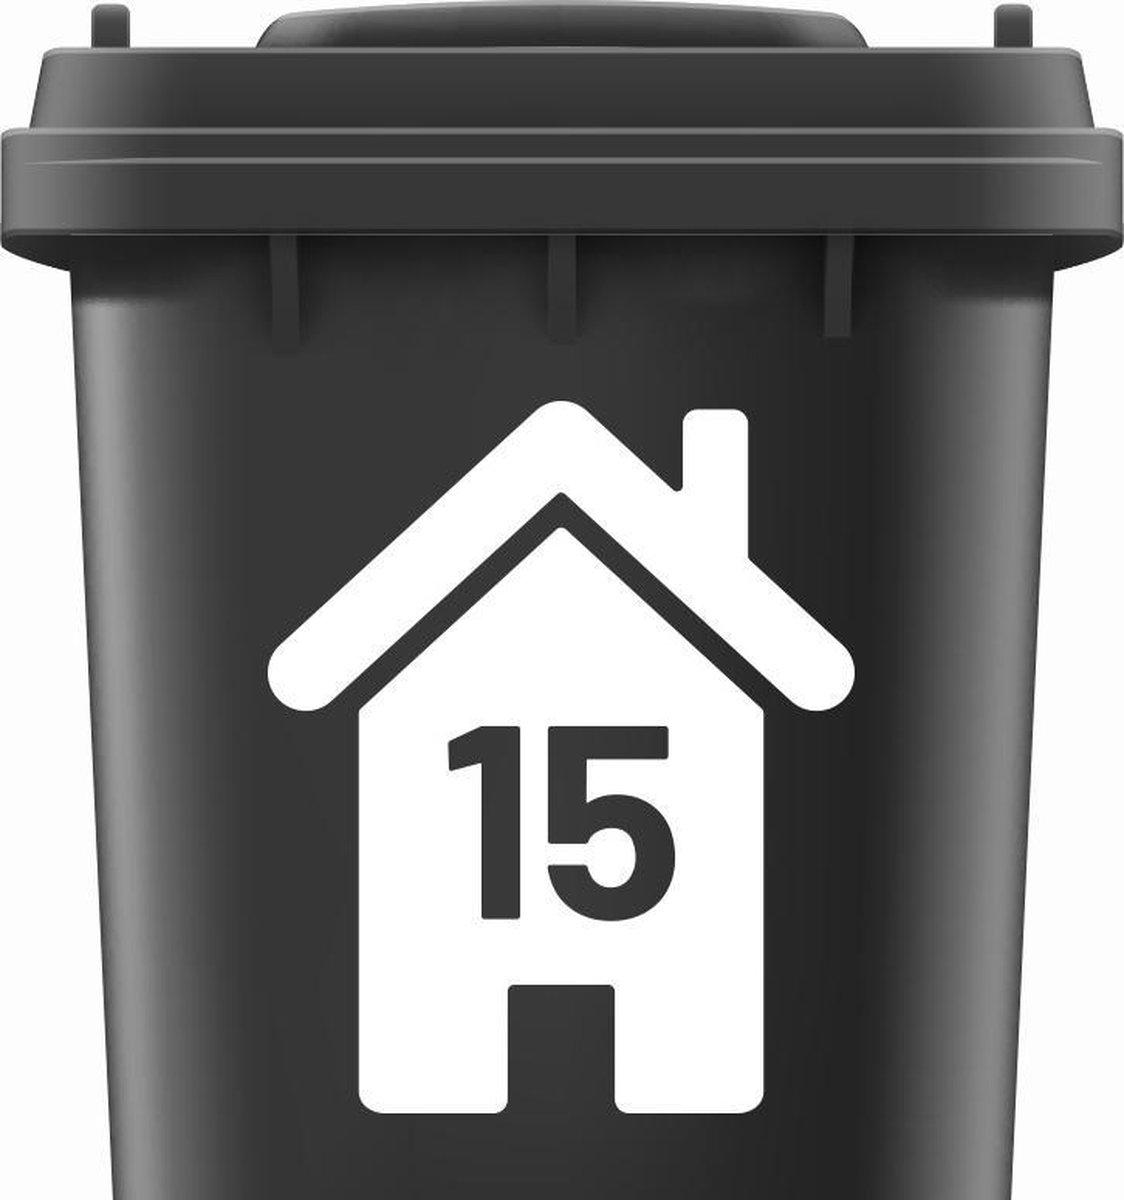 Container stickers huisnummer WIT   Kliko sticker voordeelset   Cijfer stickers weerbestendige 12345